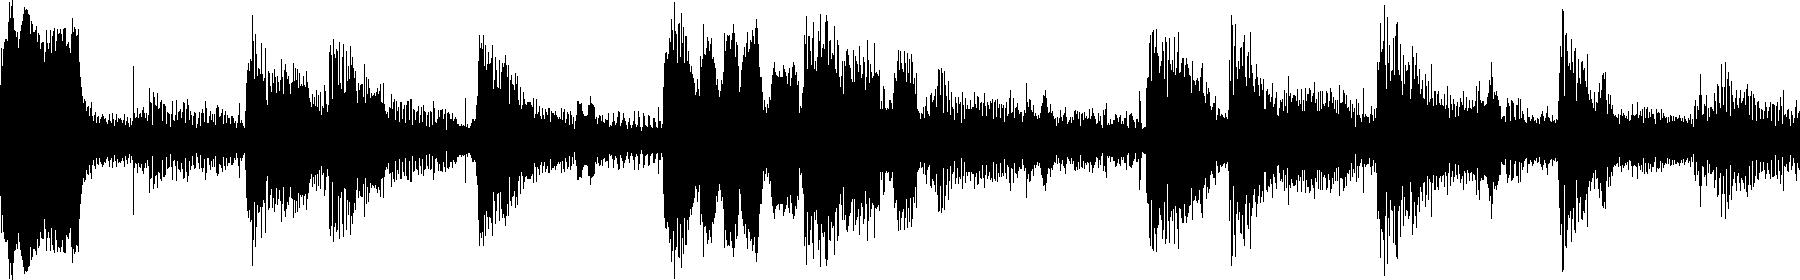 121 jazz loop 02